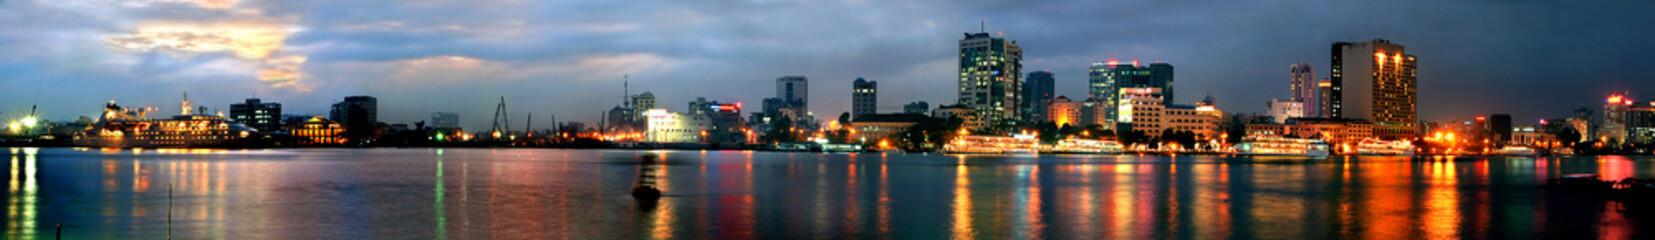 saigon night (panorama)